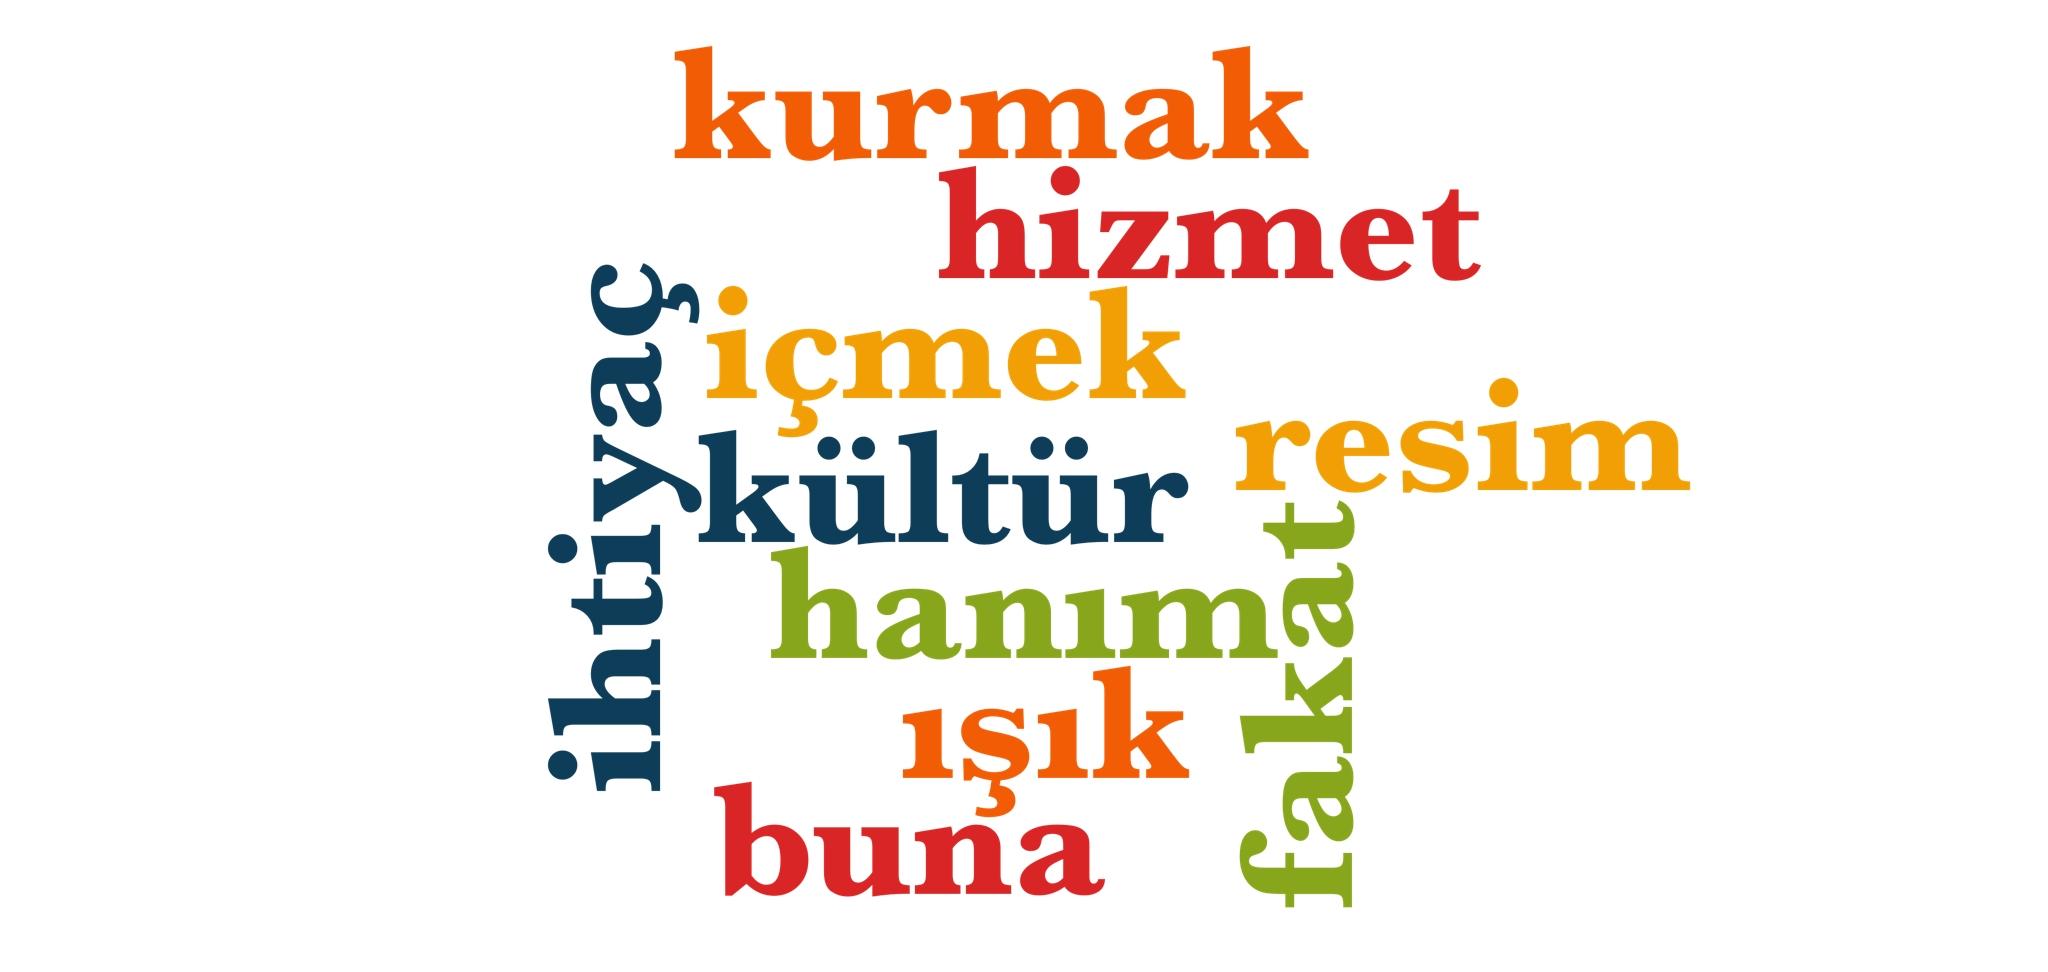 Wörter 311 bis 320 der 1000 häufigsten Wörter der türkischen Sprache